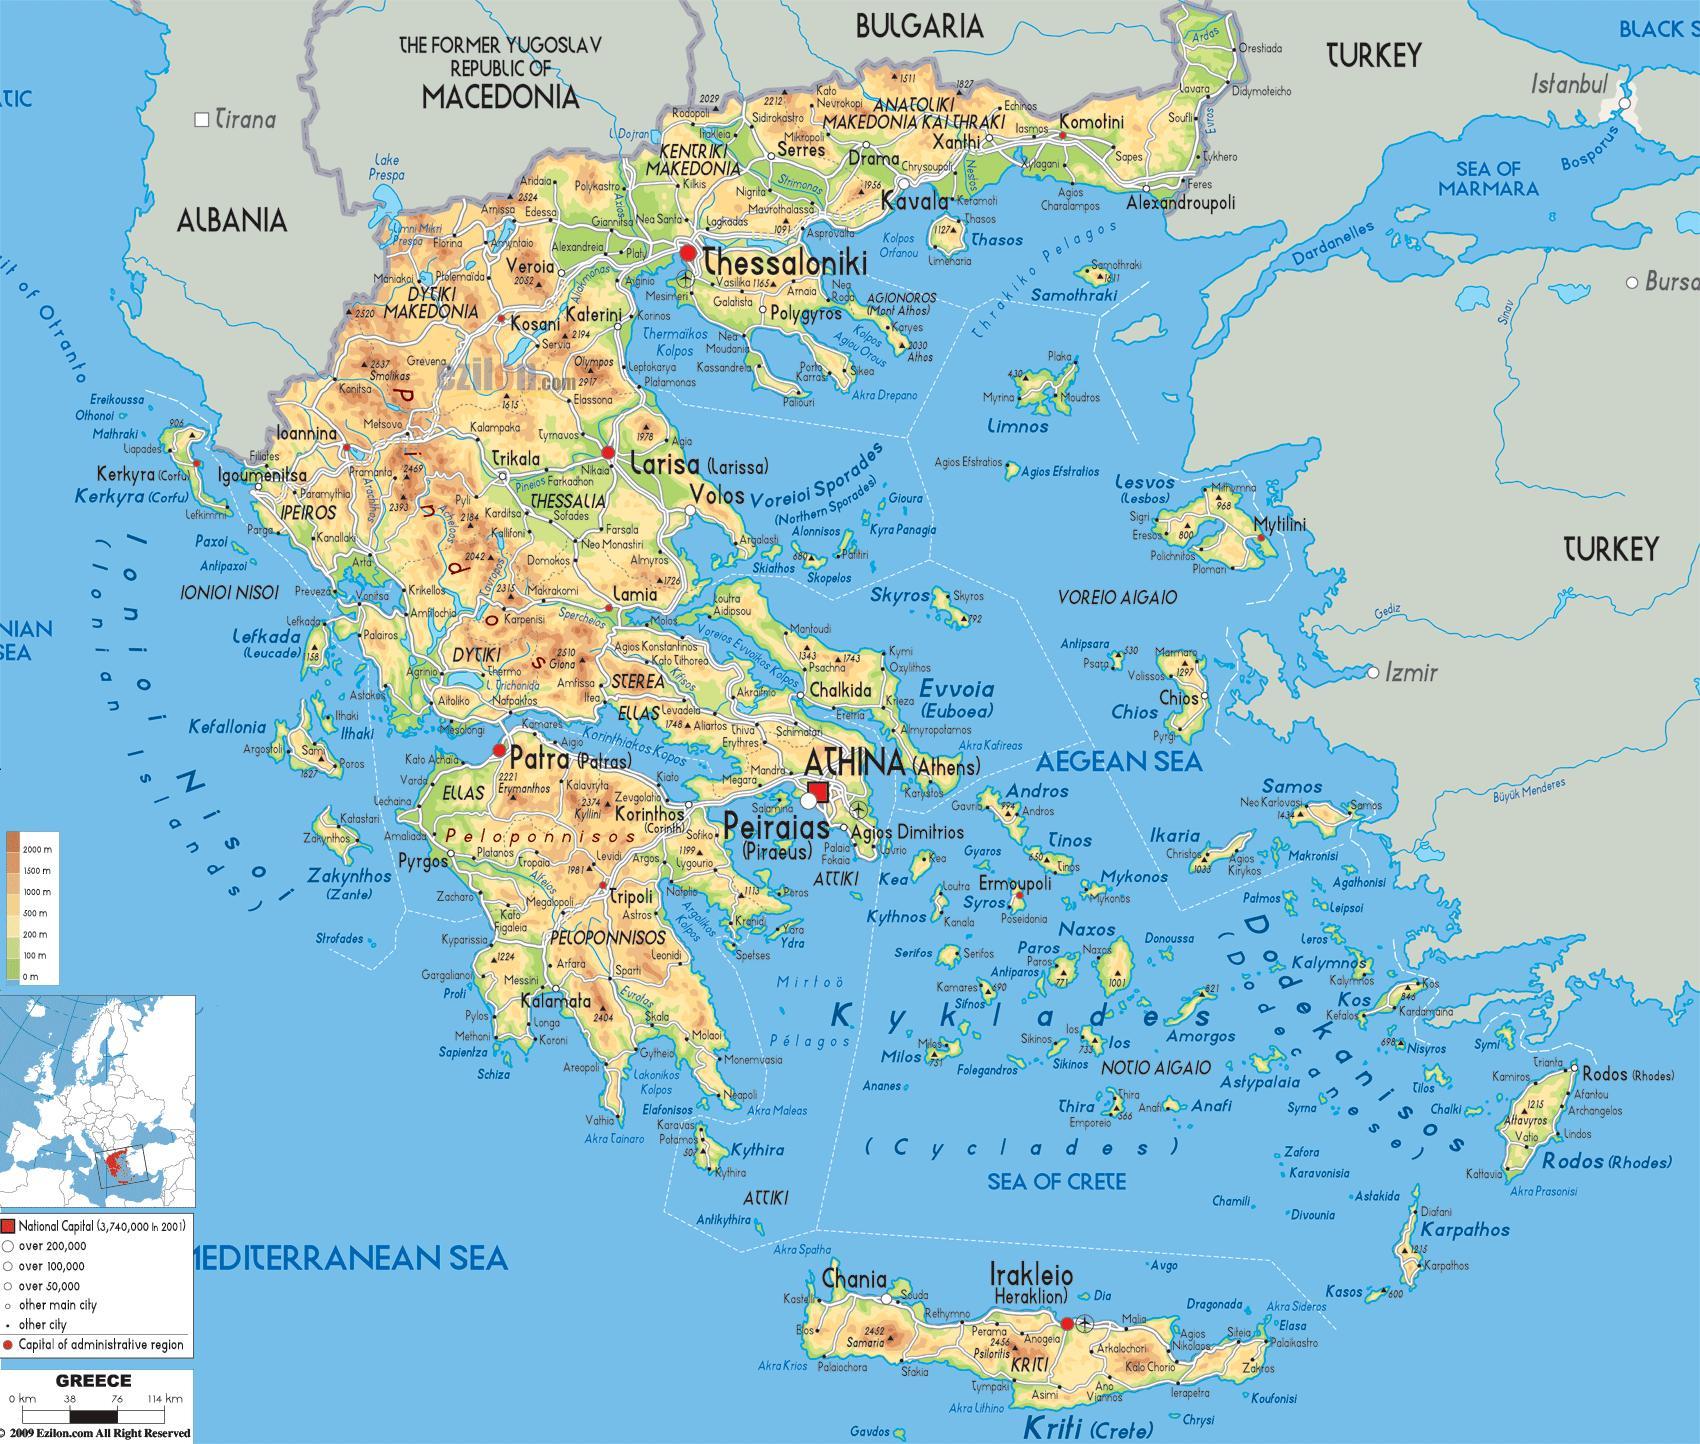 Cartina Geografica Europa Meridionale.Grecia Geografia Cartina Mappa Geografica Della Grecia Europa Del Sud Europa